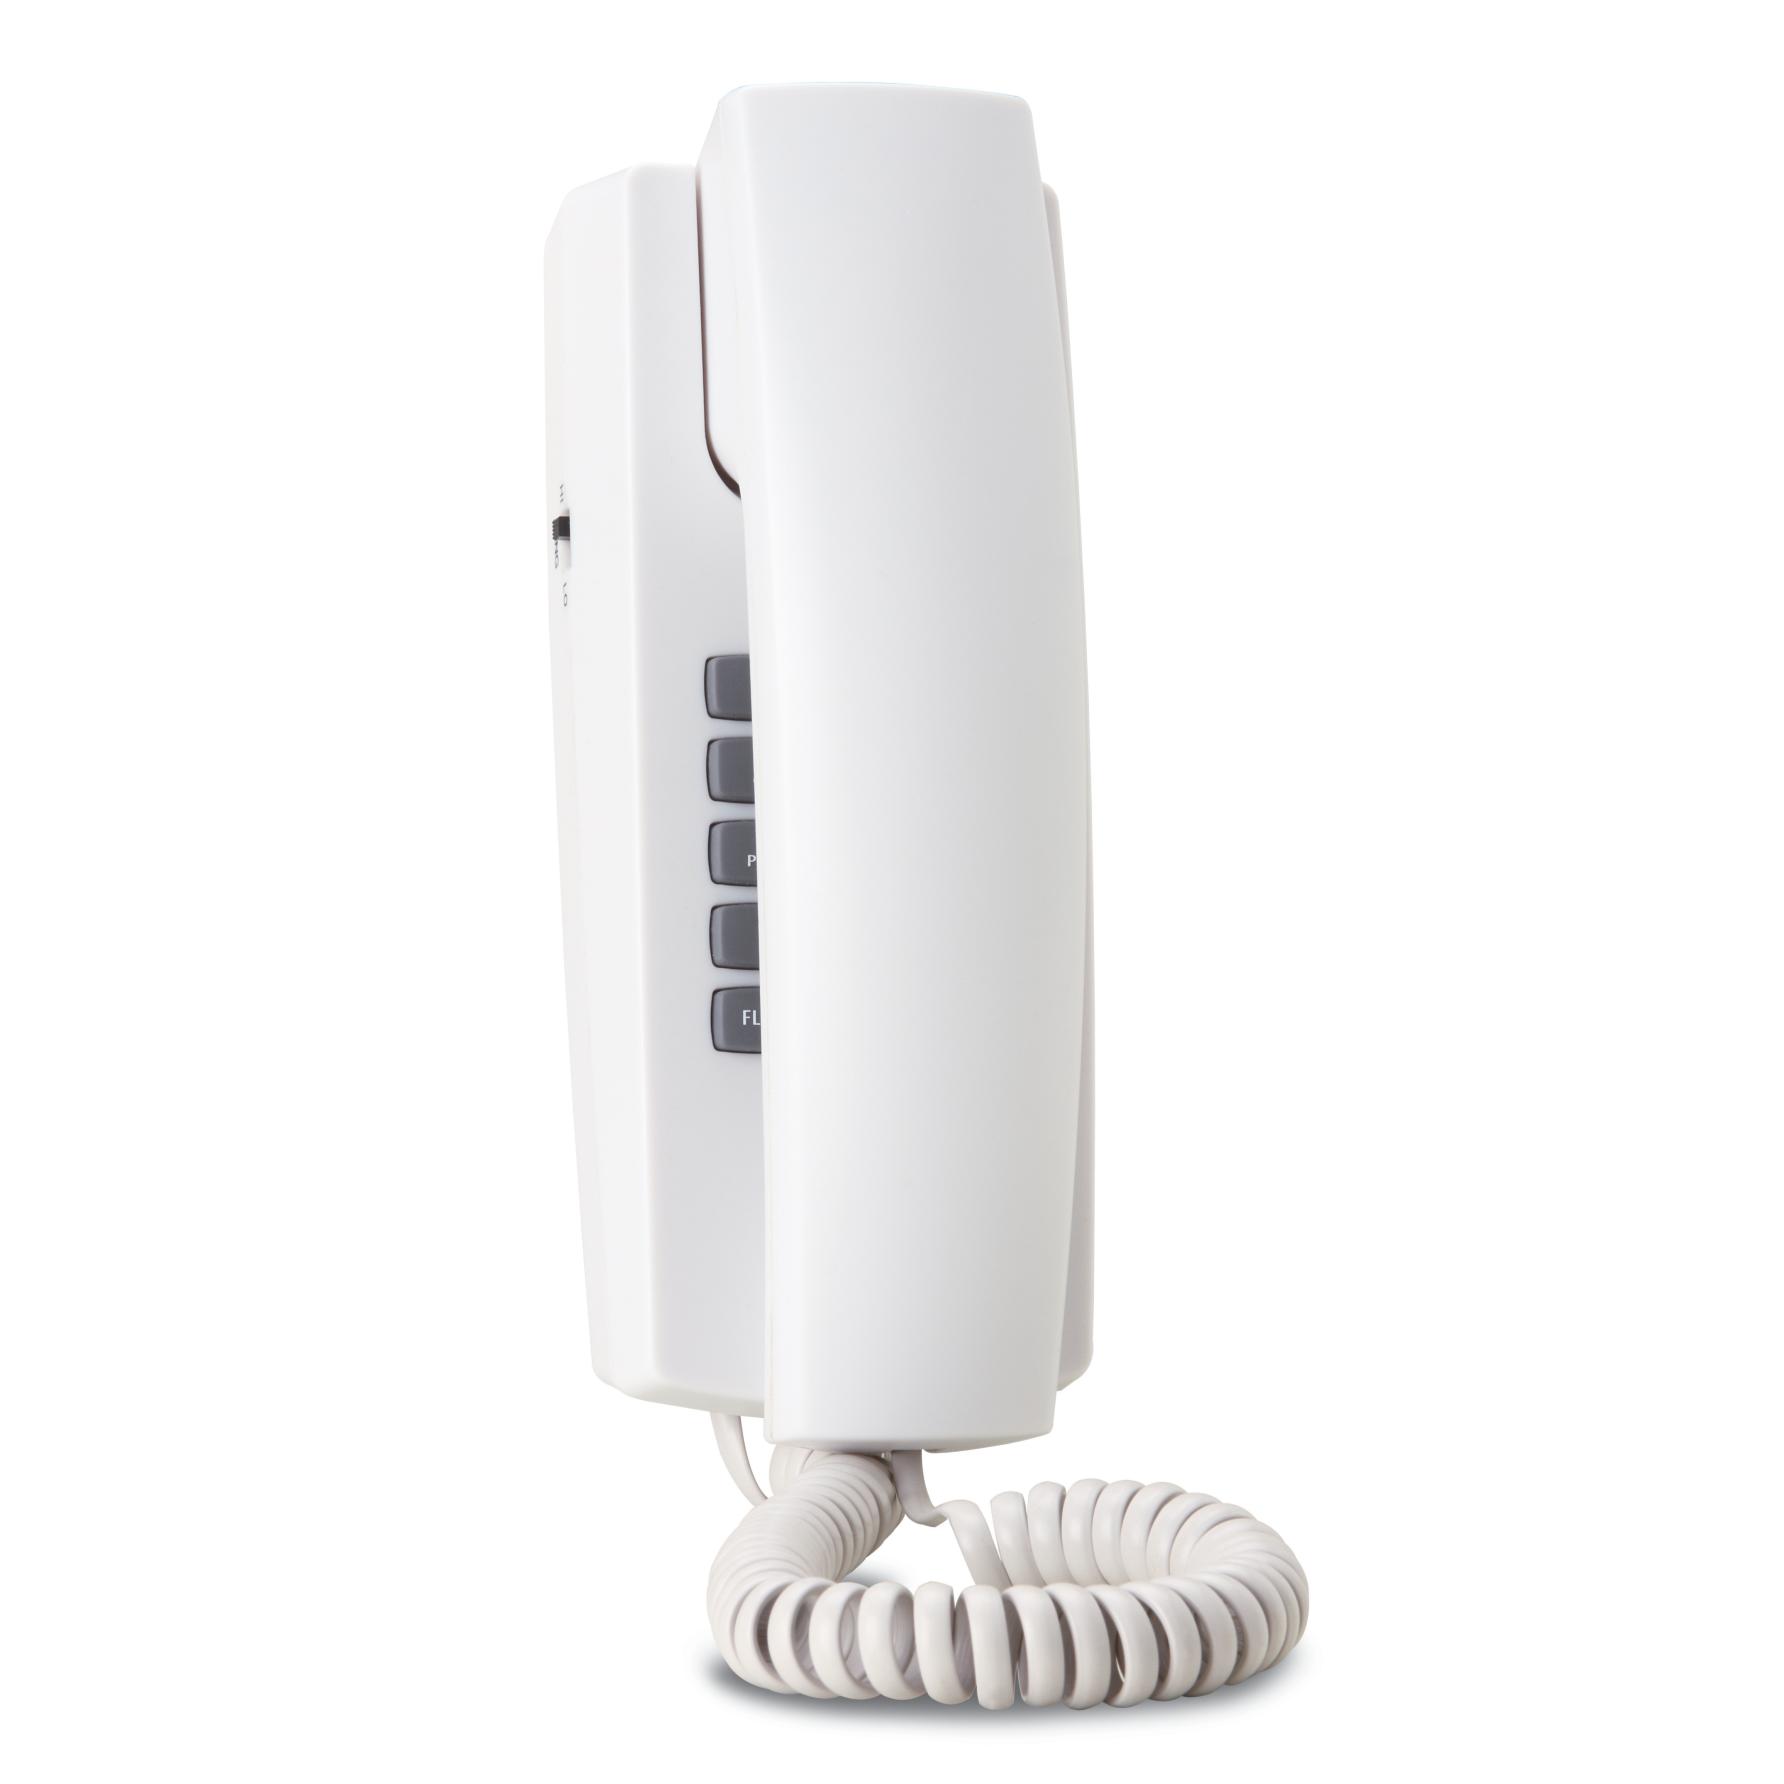 Telefone de Parede com Fio Branco - HDL